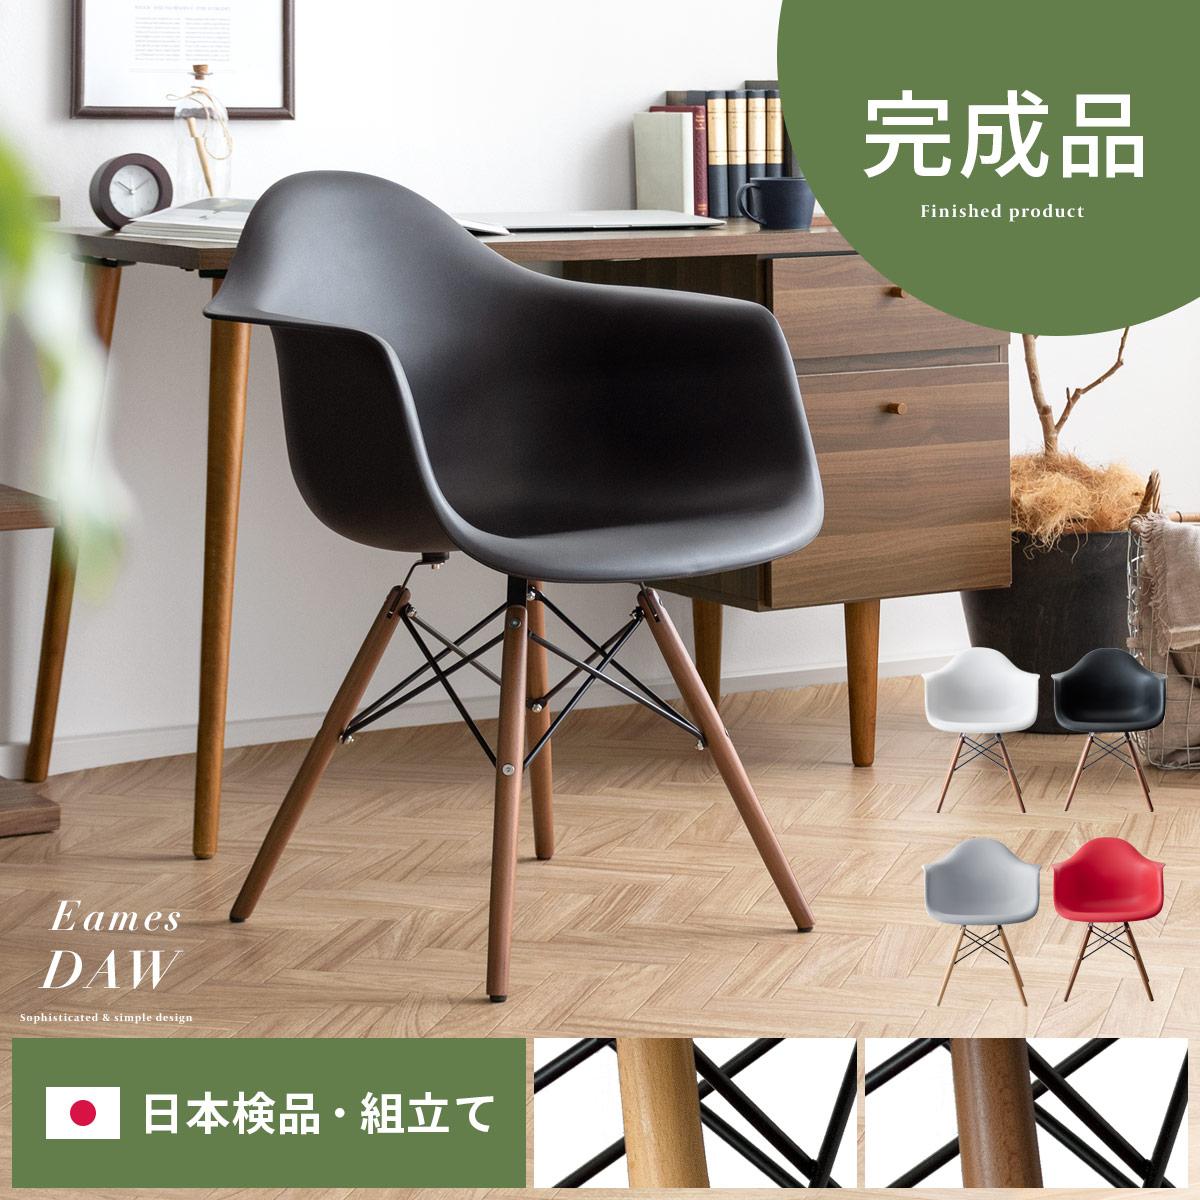 ダイニングチェア 完成品 肘付き 椅子 リビング ダイニング チェアー イス アームシェルチェア Eames DAW イームズ チェア リプロダクト ジェネリック家具 おしゃれ かわいい カフェ風 Eames DAW ウッド脚デザイン イームズチェア